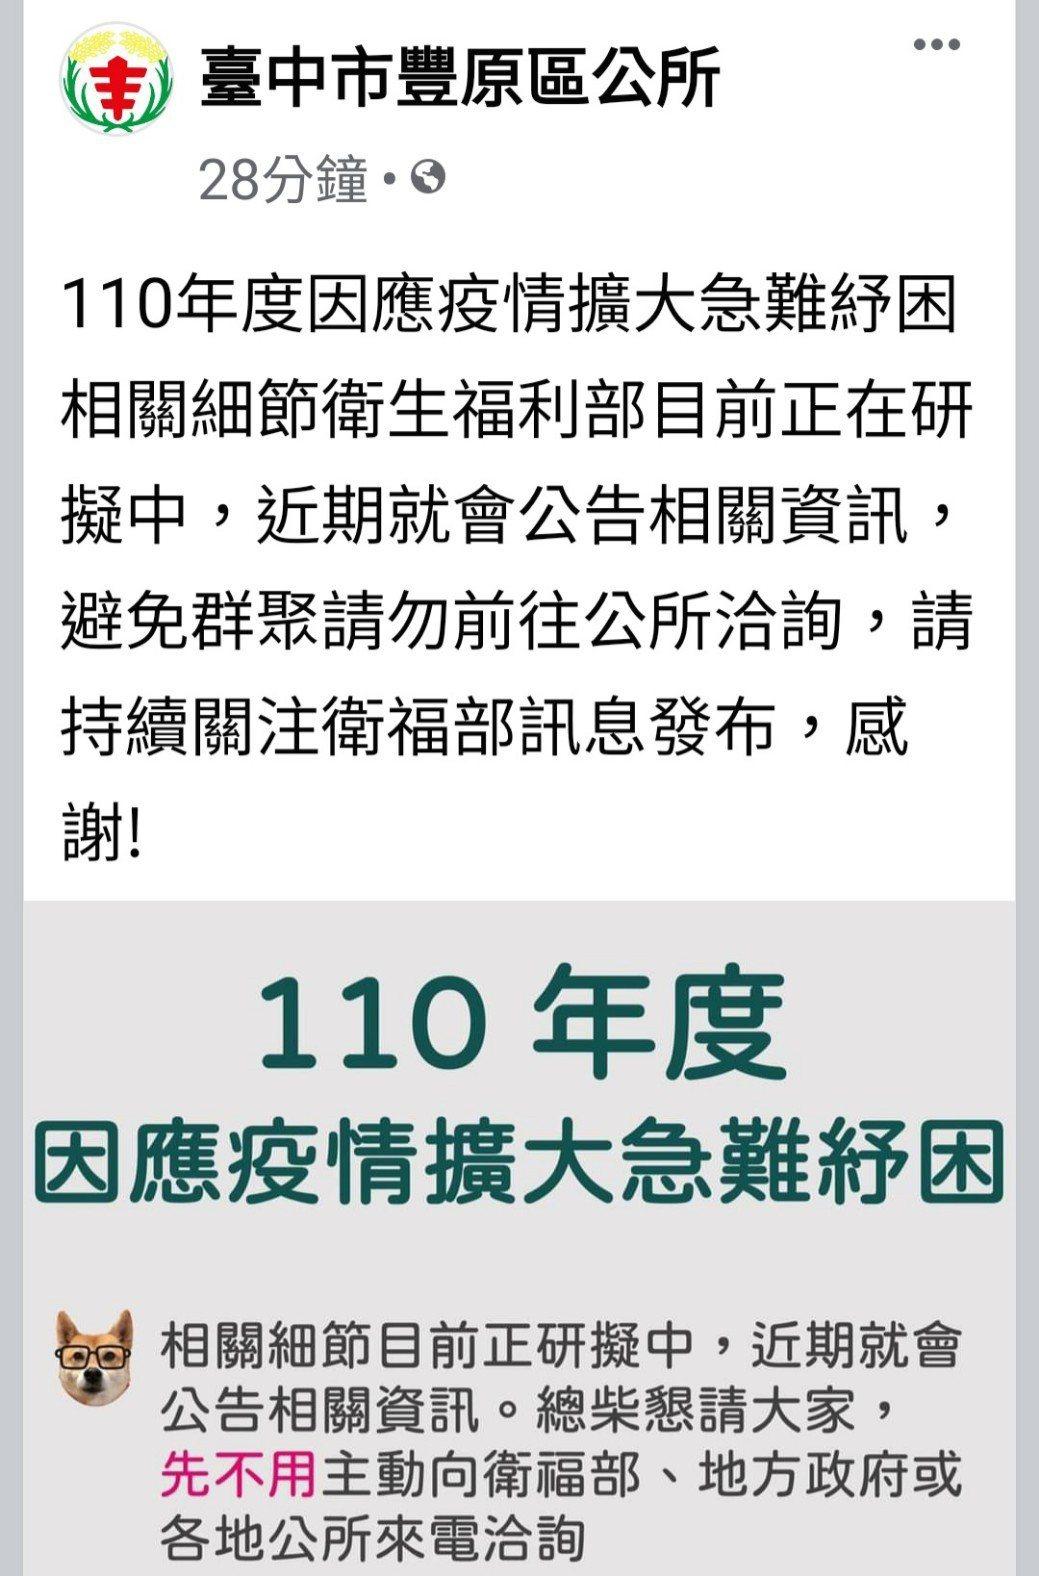 台中市豐原區公所今天在臉書說明,因疫情的紓困方案內容未公布,還沒開始接受申請,請...